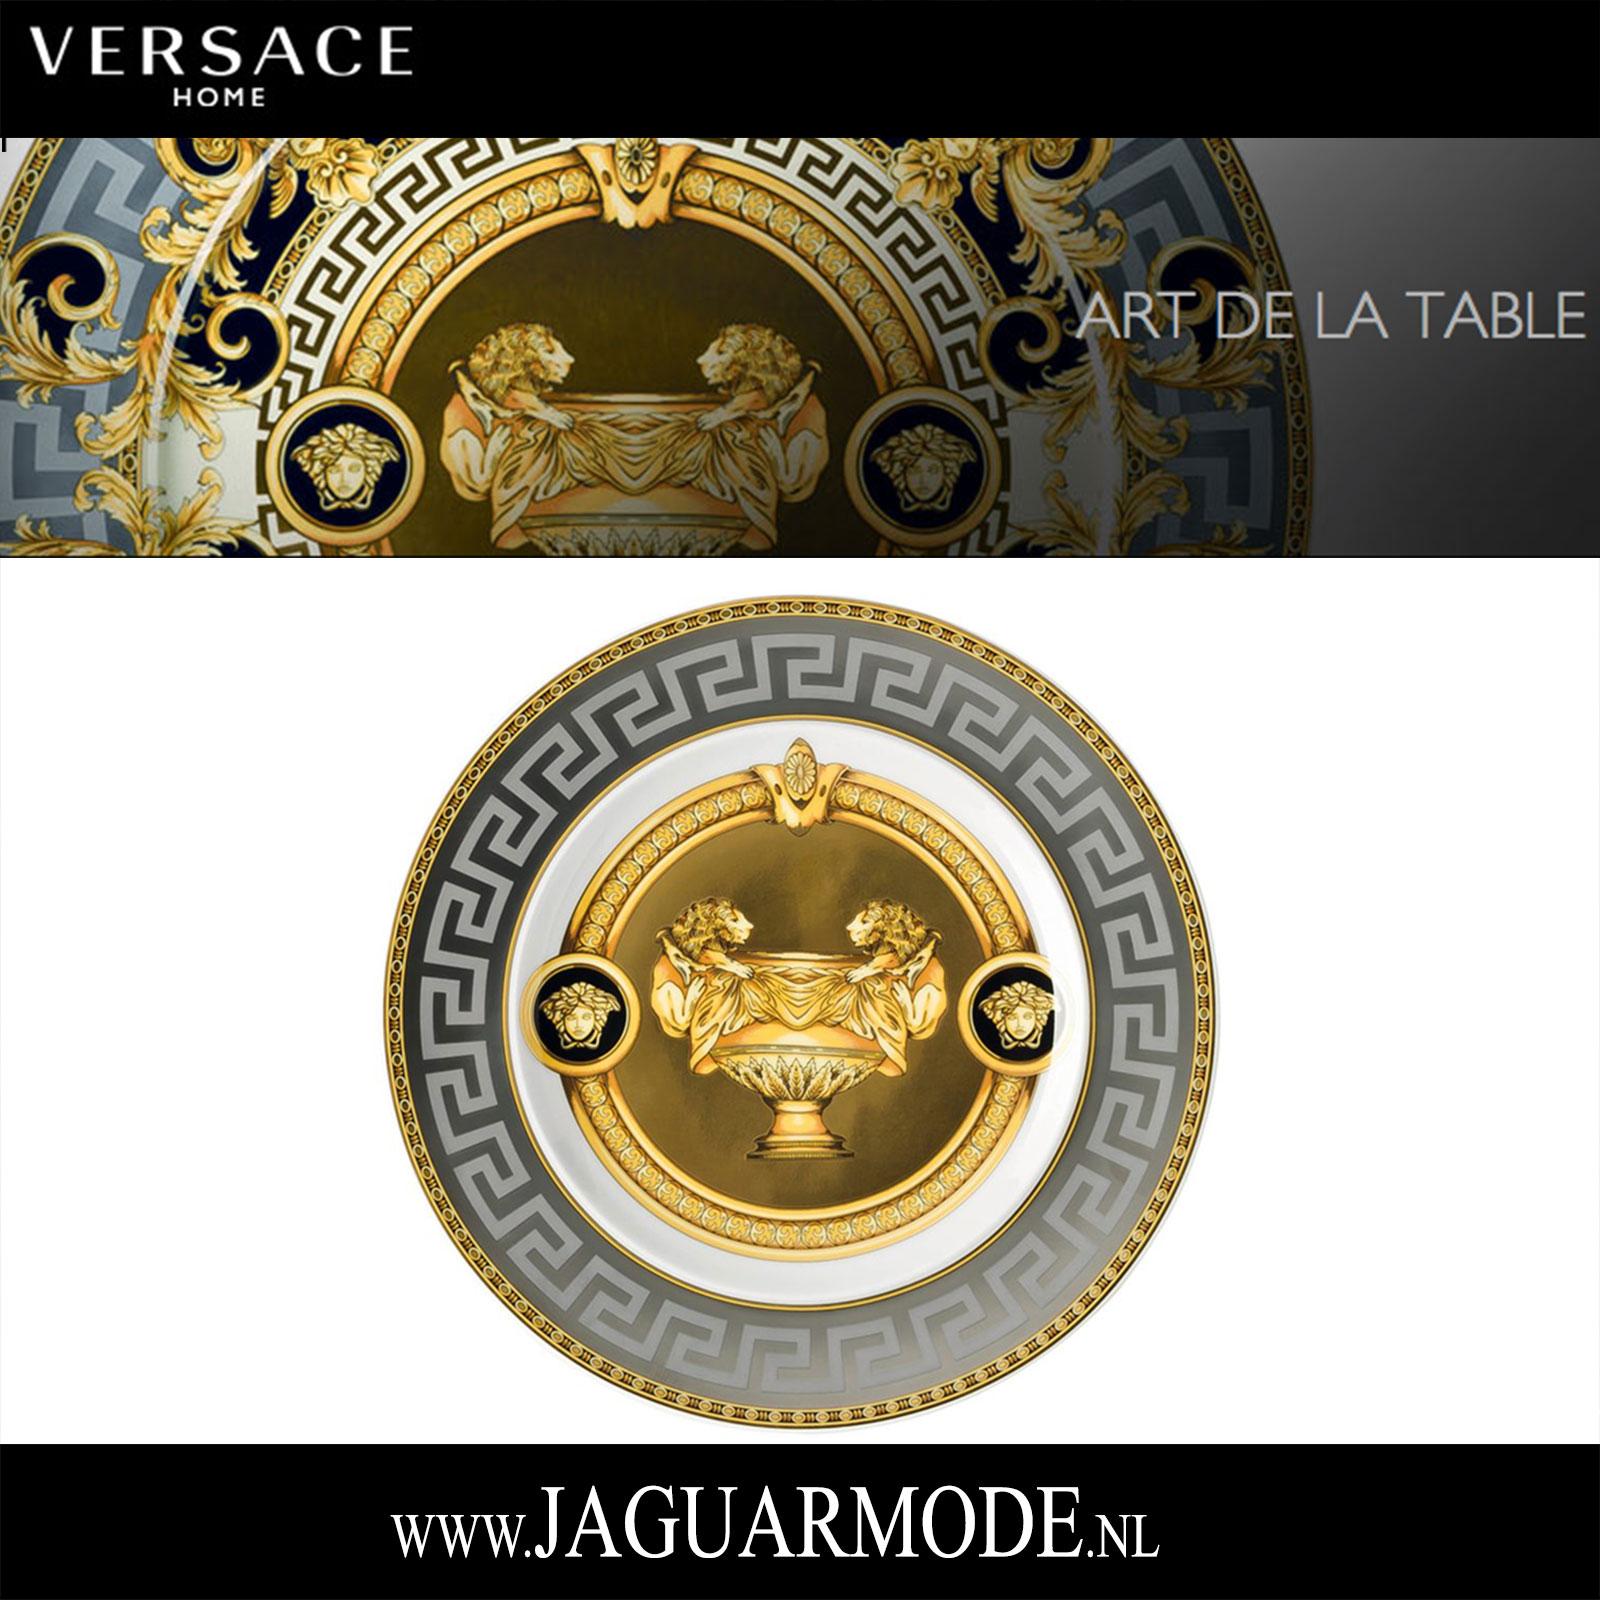 Versace servies exclusief bij Jaguar Mode